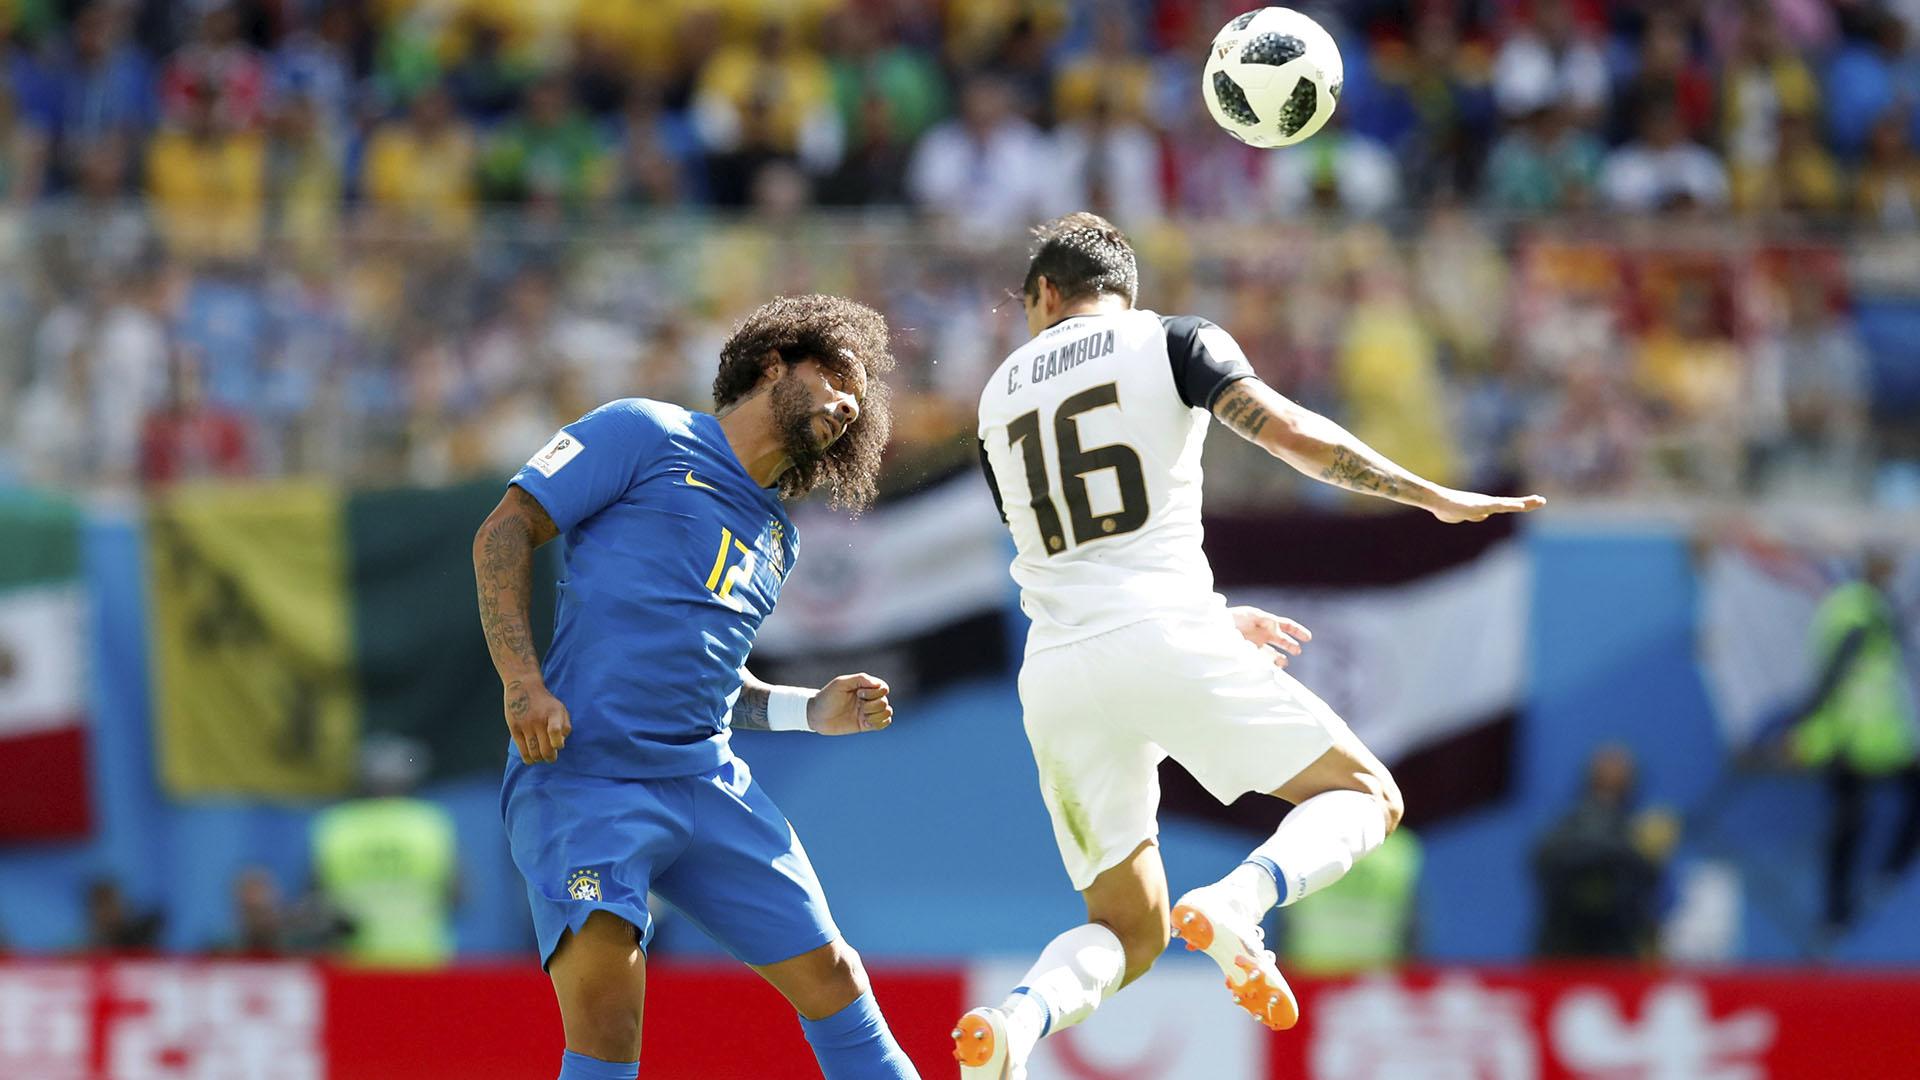 Marcelo y Gamboa tuvieron un duelo clave por la banda izquierda